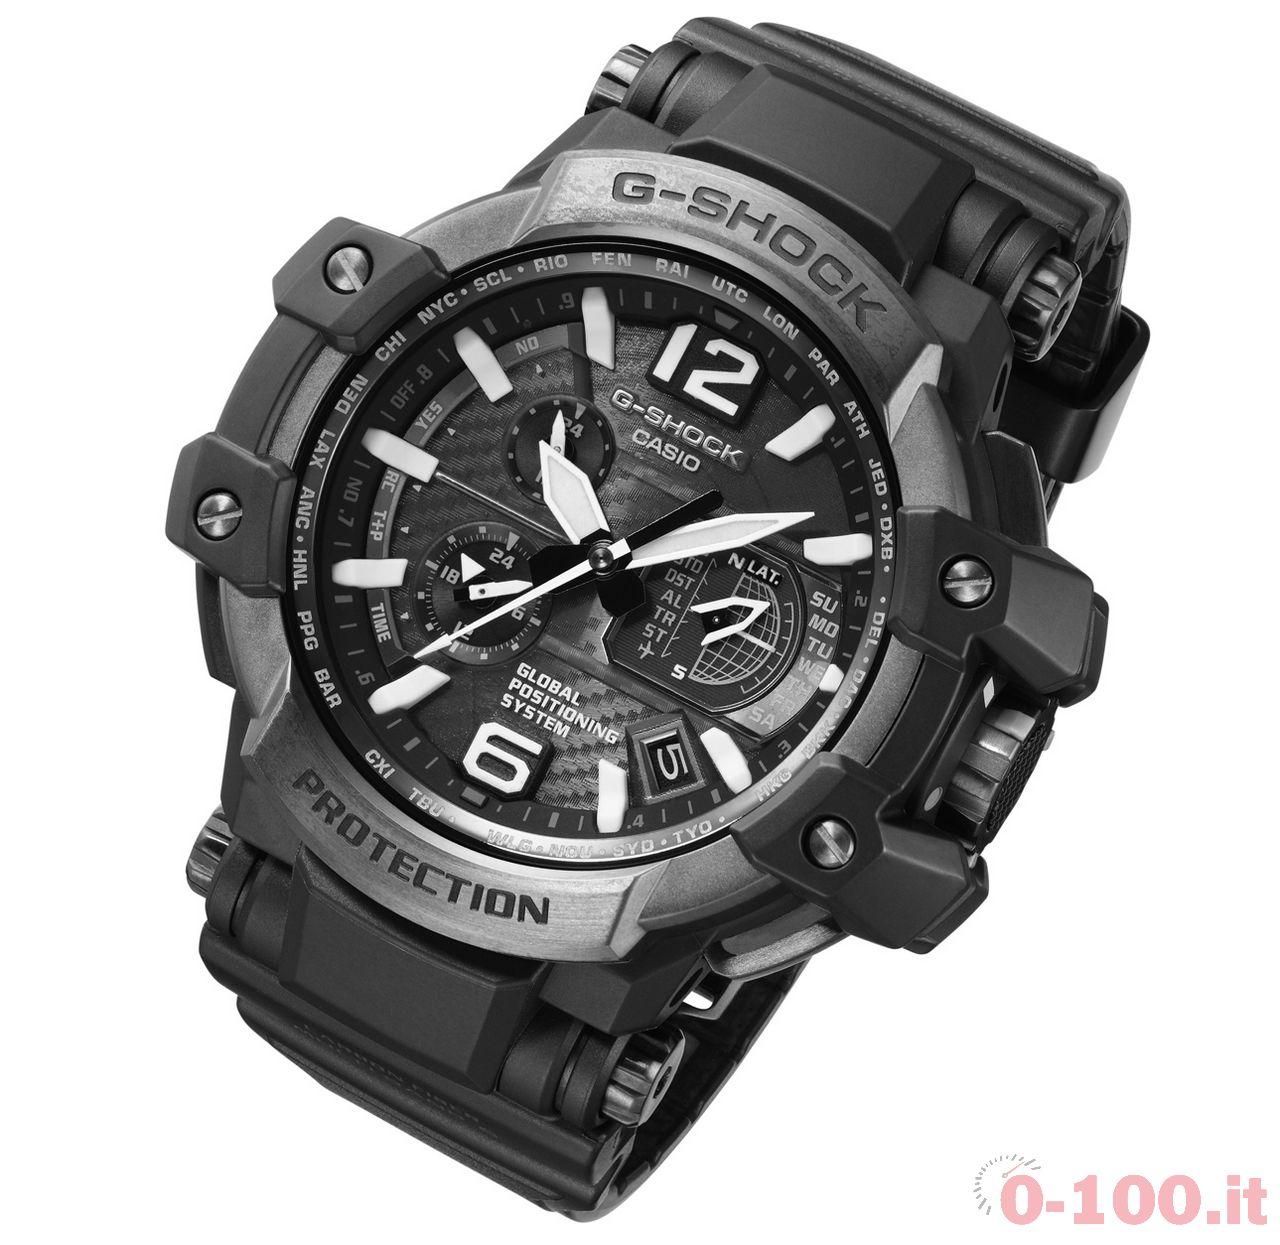 casio-hybrid-g-shock-gpw-1000t-baselworld-2015_0-1001